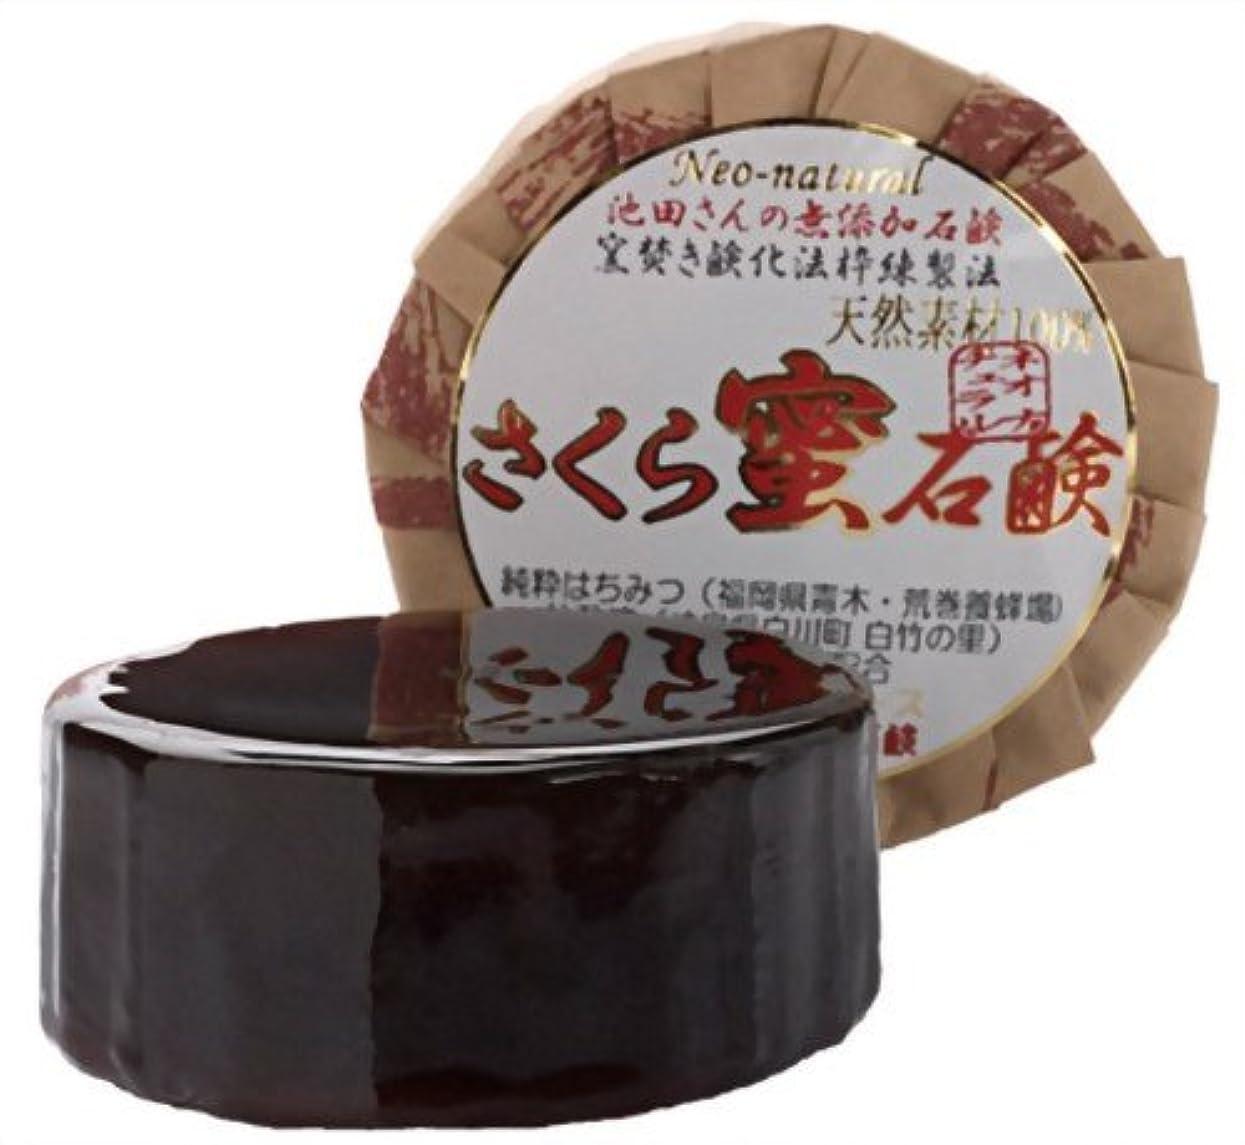 アコード懺悔フォアタイプネオナチュラル 池田さんのさくら蜜石鹸 105g